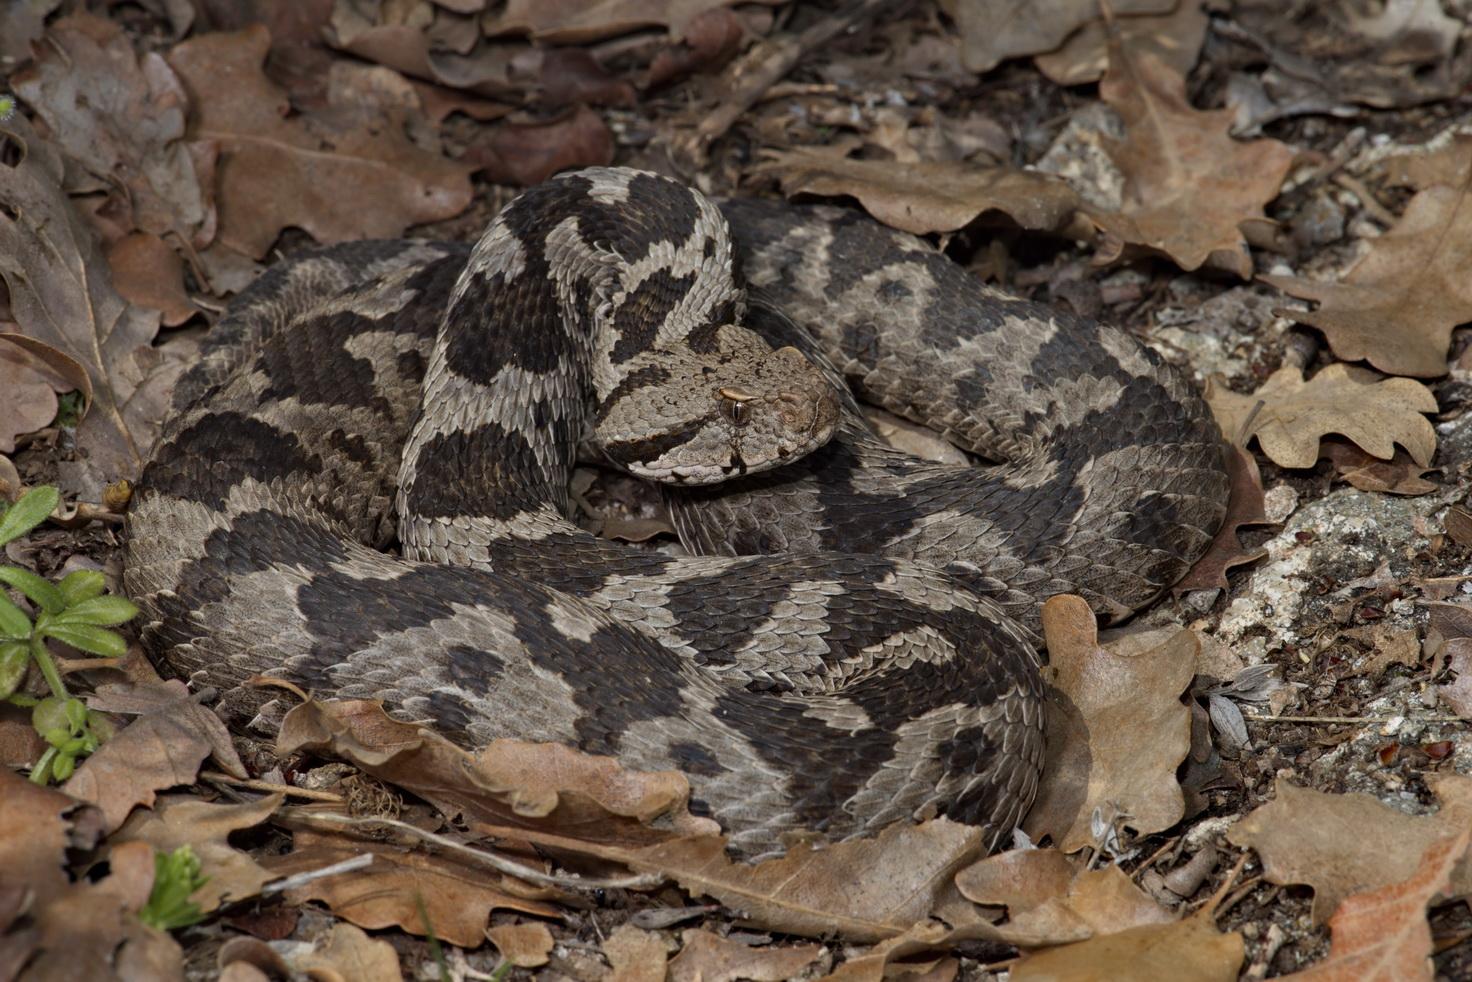 Bergotter (Montivipera xanthina), Weibchen, östliches Thrakien